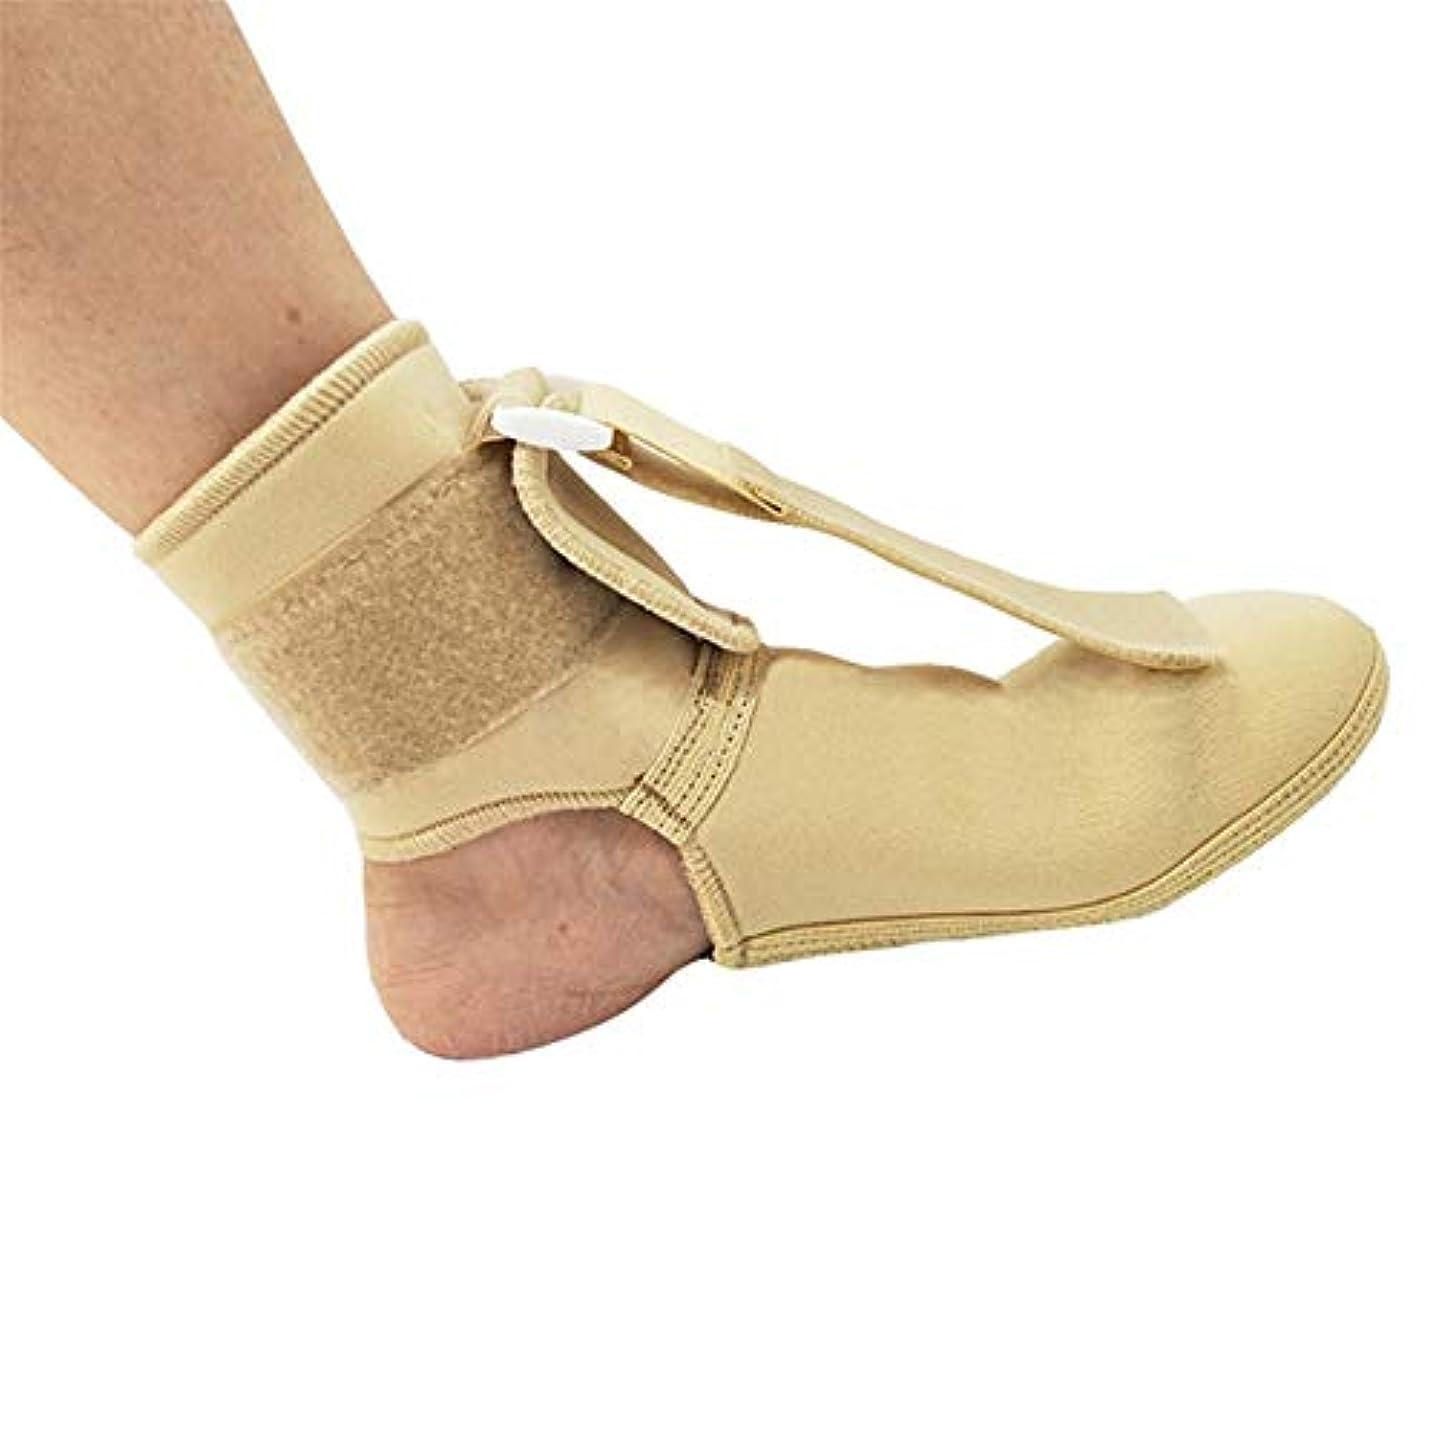 パーチナシティビジョン傷つける足首保護、関節サポート、調節可能なフットドロップ矯正装具足の痛みの軽減スプリント足首スプリントサポートナイトスプリント,L